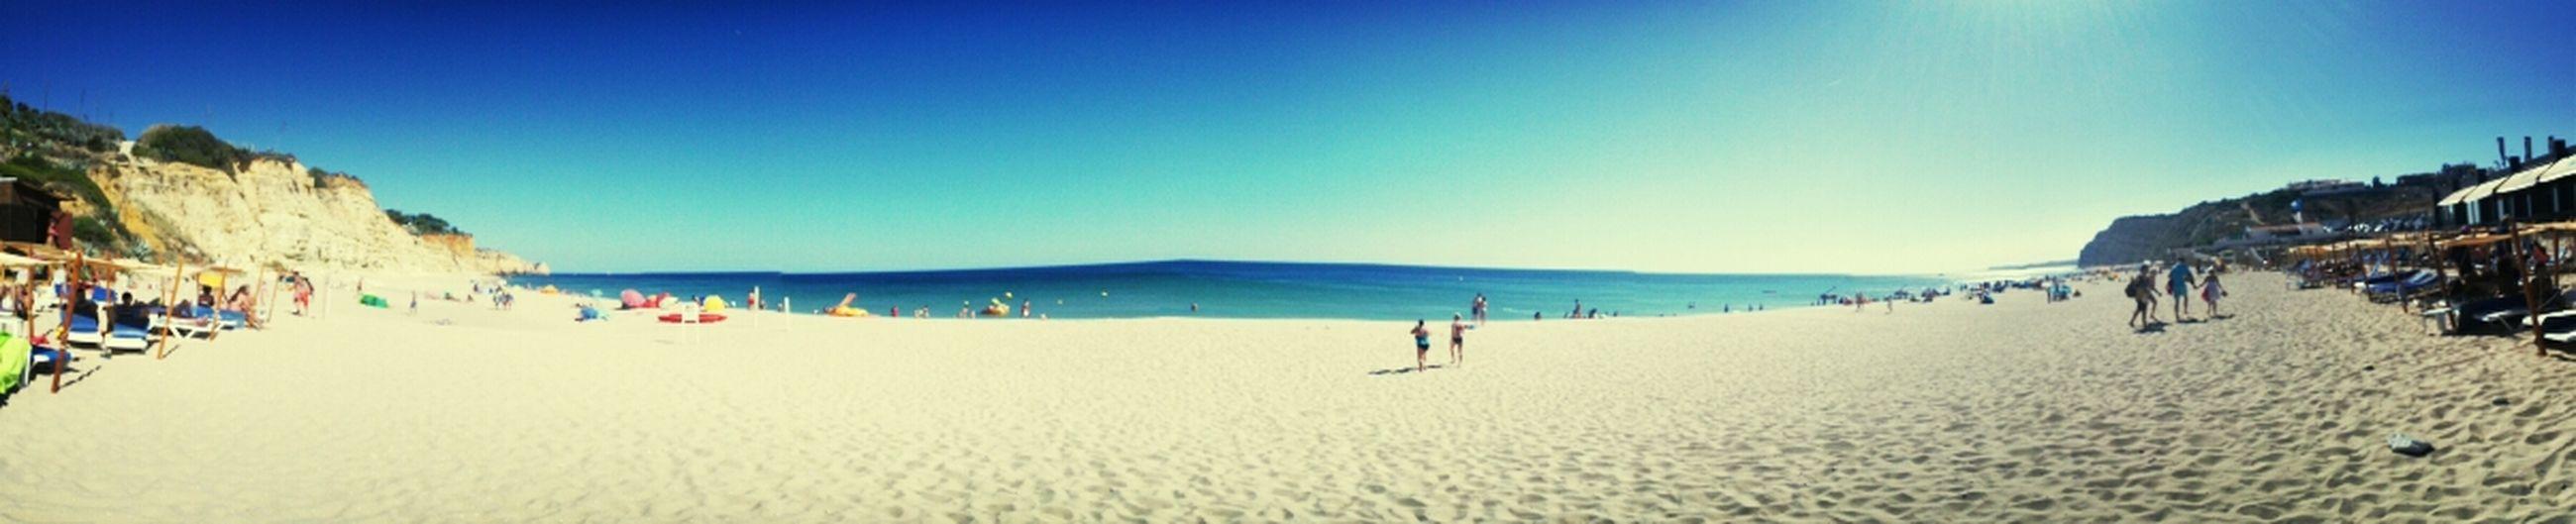 Relaxing Summer Beach Enjoying Life